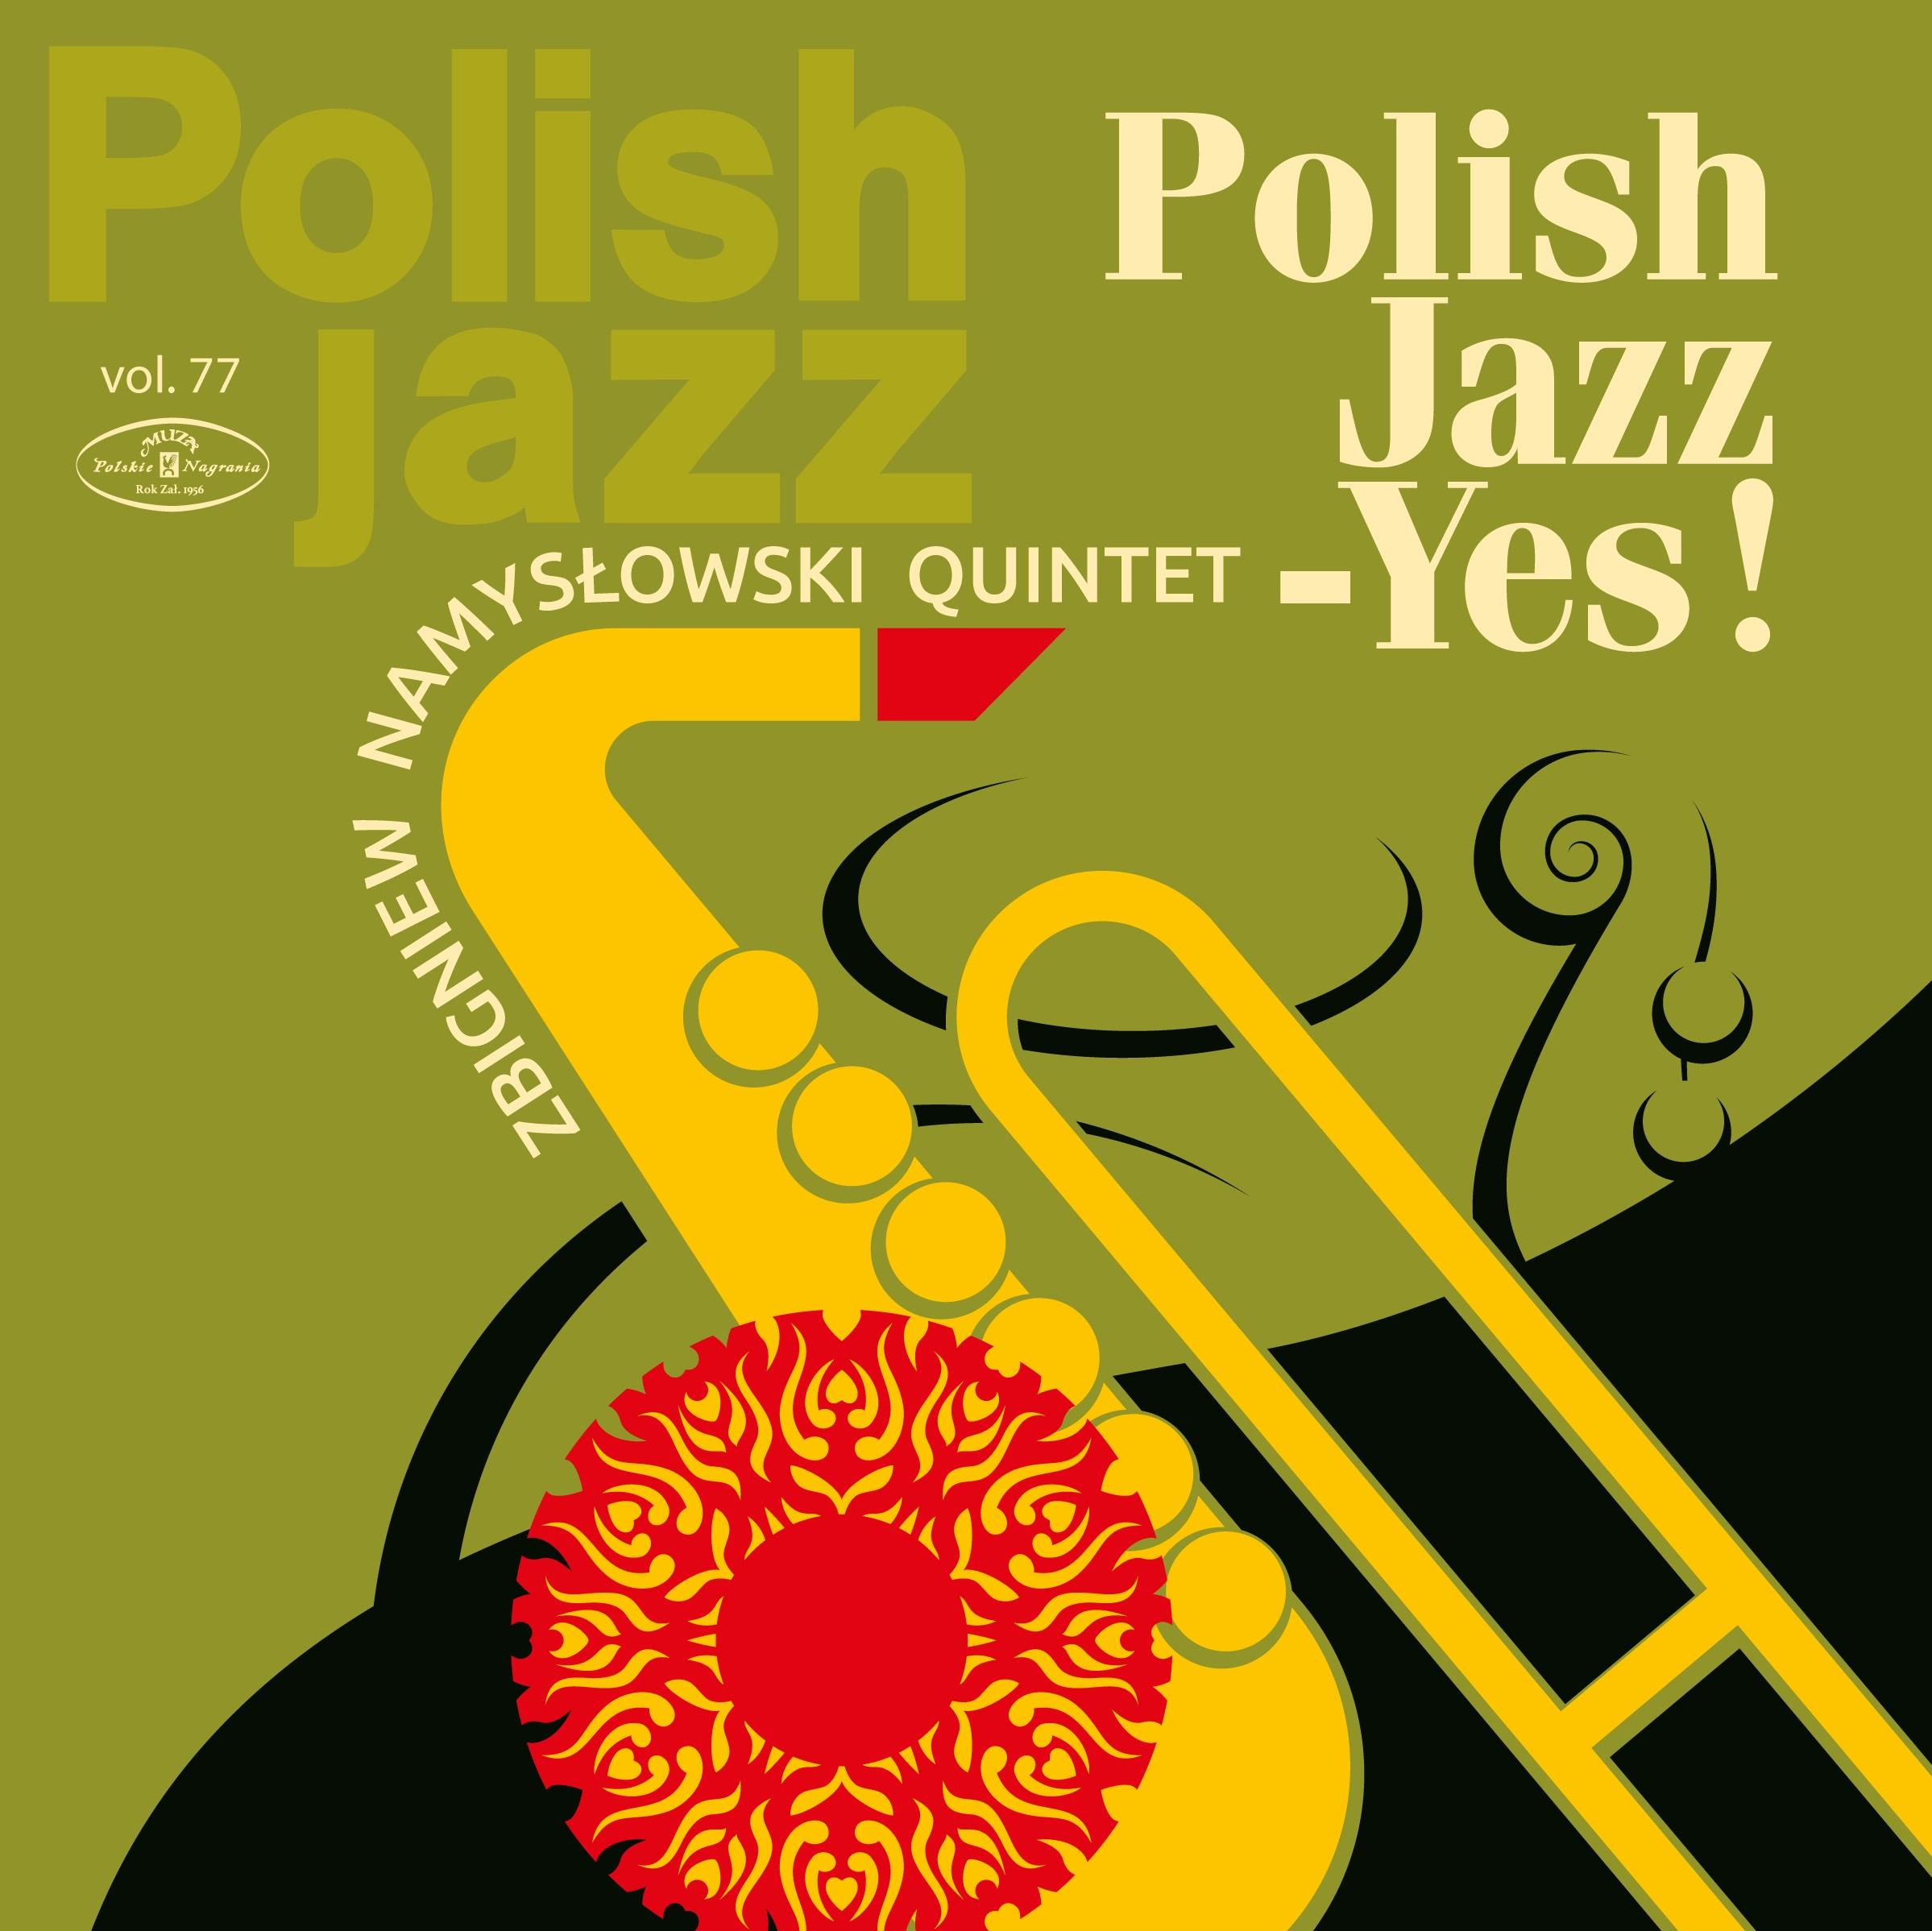 """Zbigniew Namysłowski, """"Quintet Polish Jazz – YES!"""" – okładka płyty (źródło: materiały prasowe wydawcy)"""